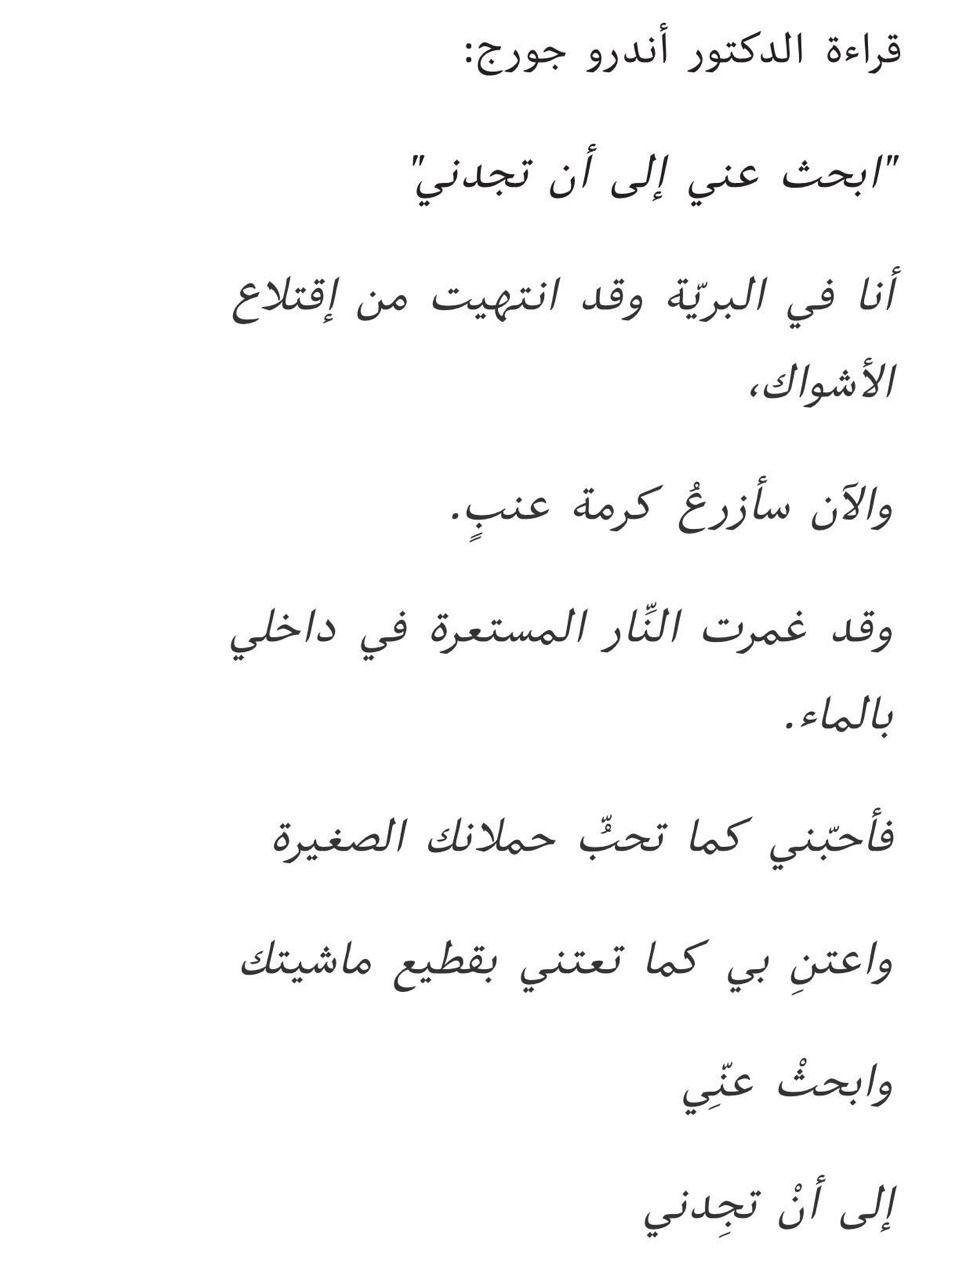 صورة قصائد بالفصحى عن الحب , اجمل قصيدة للحب